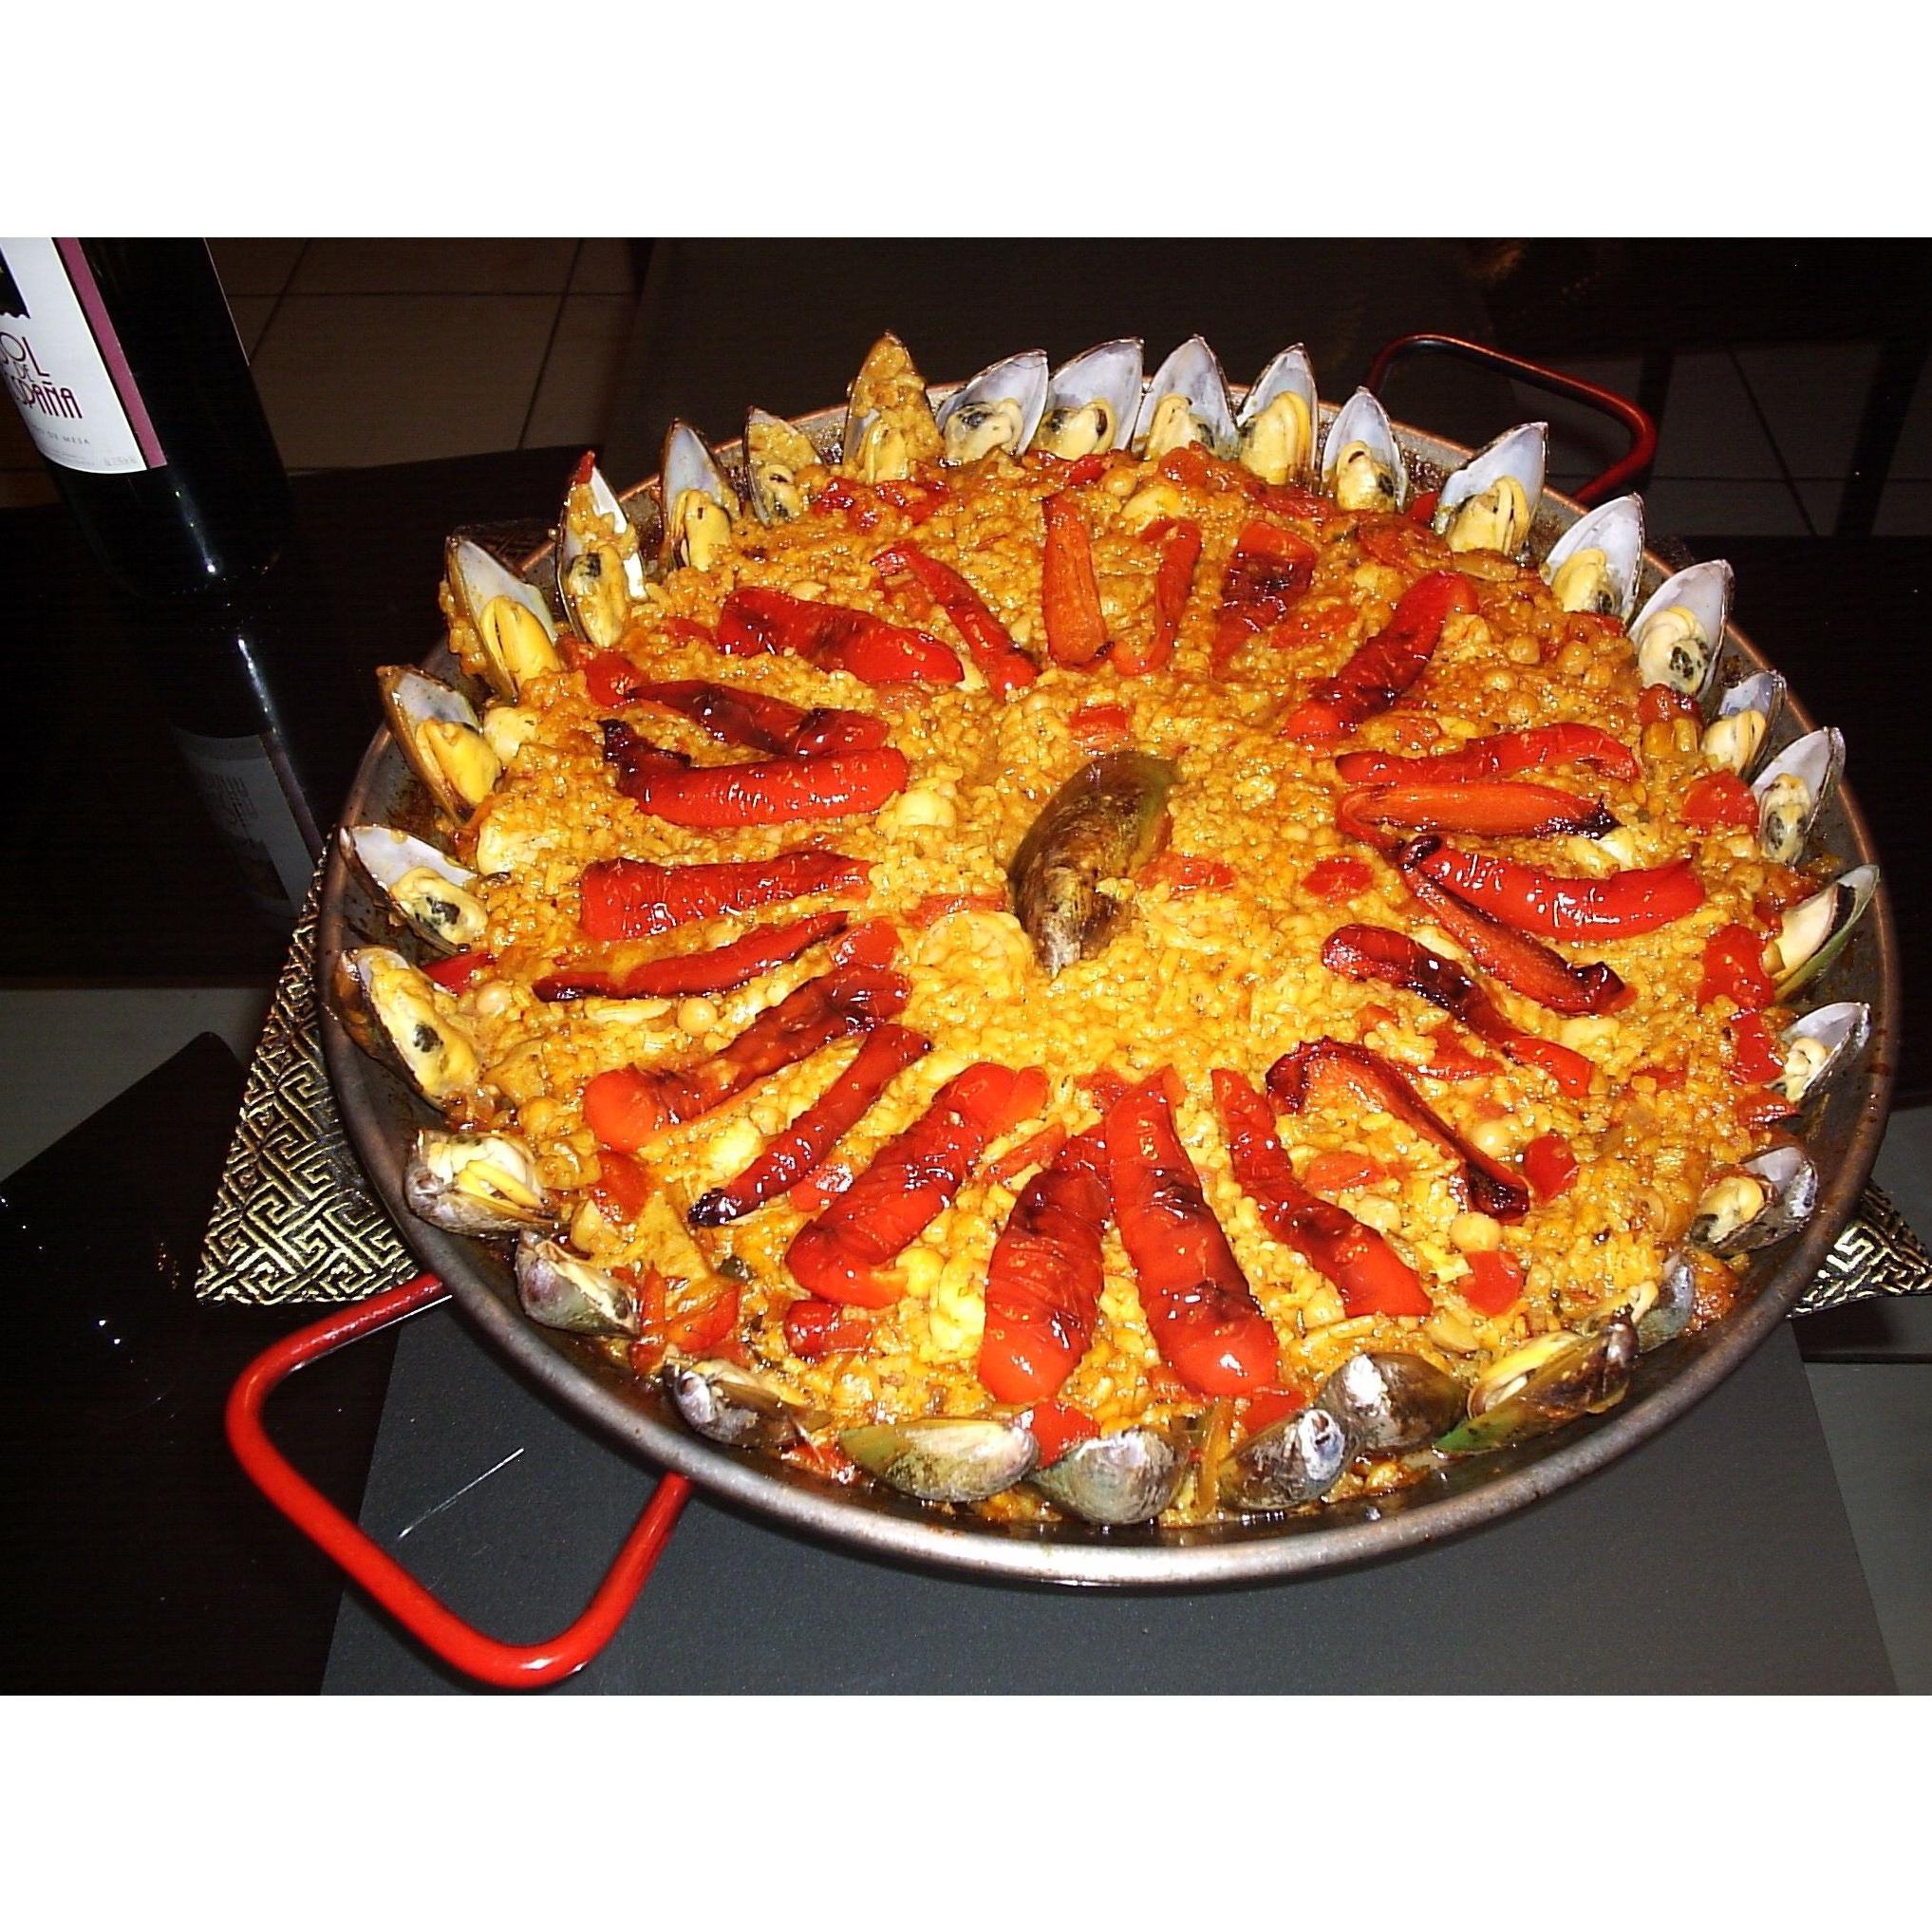 Arroces y Pastas: Especialidades de PASTELERIA LORENA:    Confiteria, Bomboneria, Pasteleria, Cafeteria, Comida para llevar, Regalos,